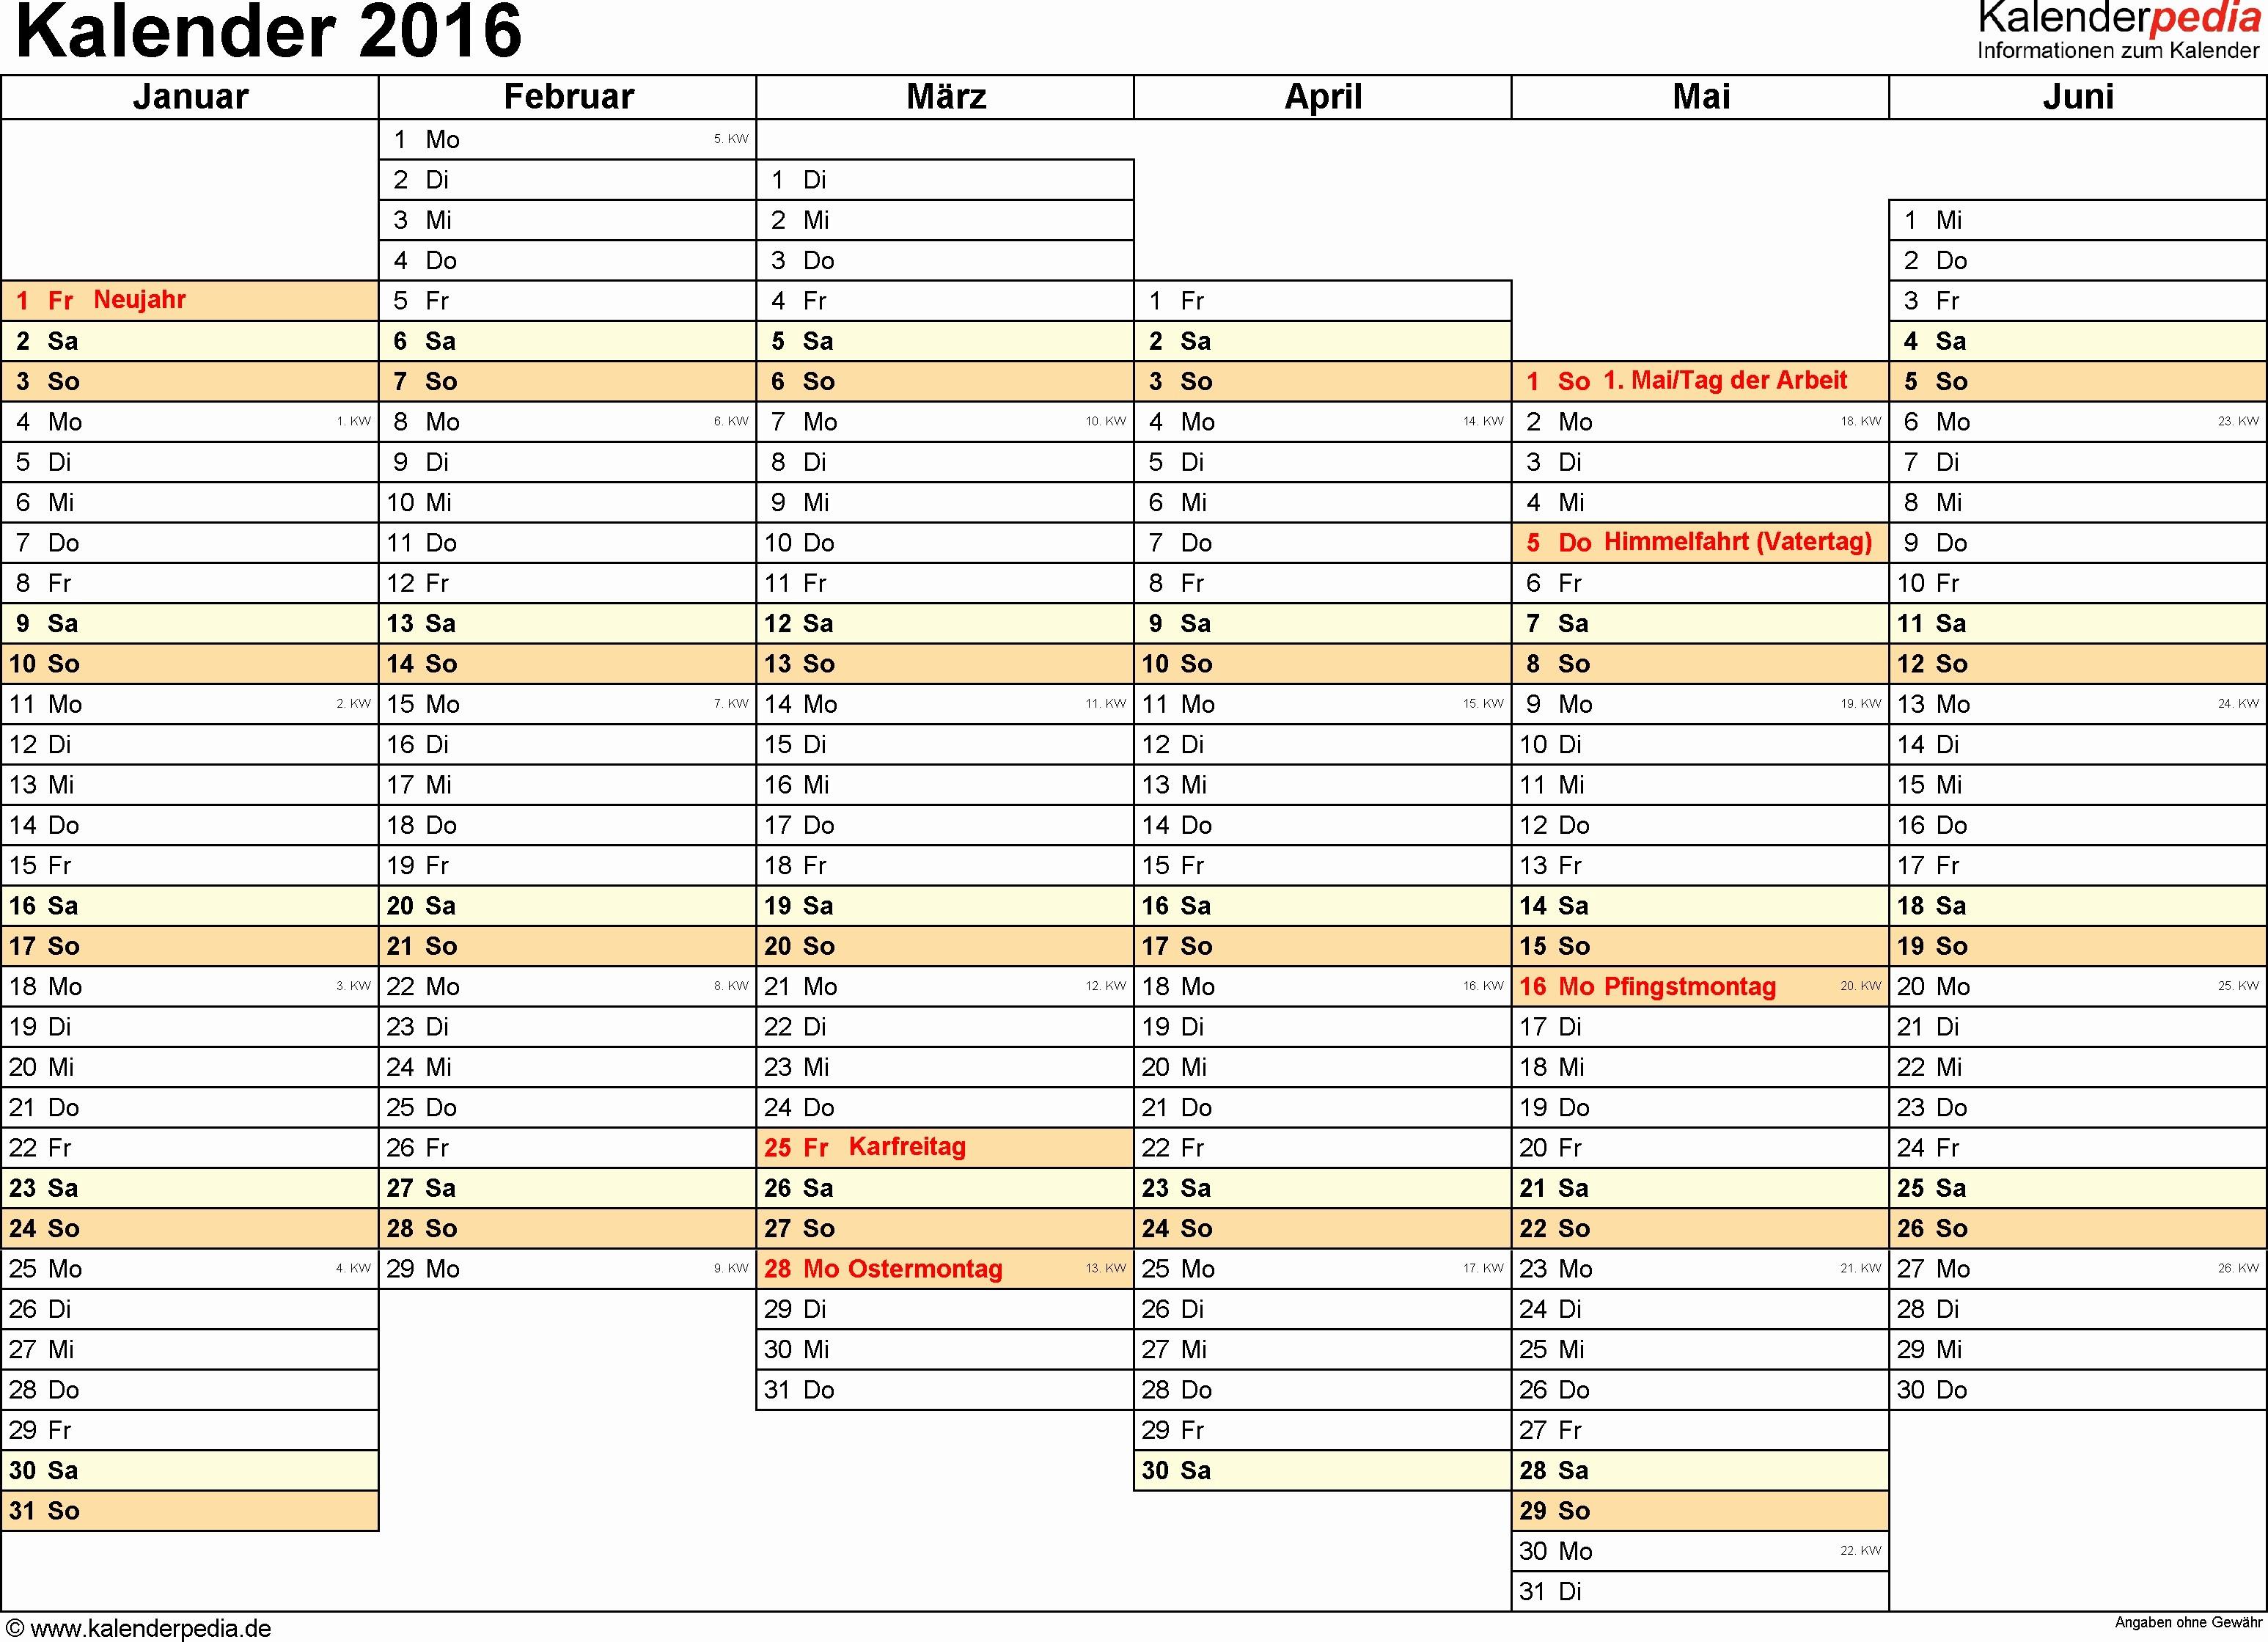 Wochenkalender 2016 Zum Ausdrucken Best Kalender Zum Ausdrucken 2016 Genial Vorlage 7 Wochenkalender 2016